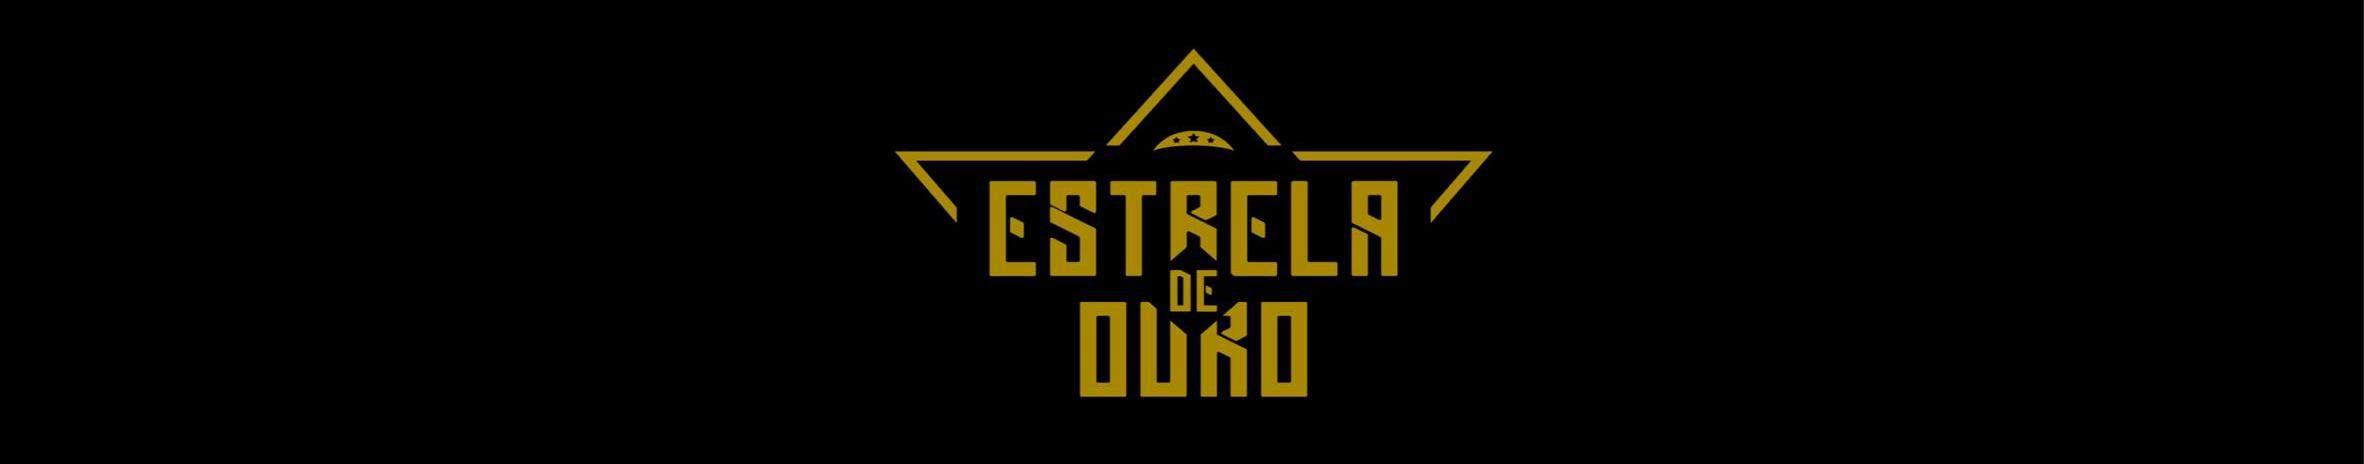 Imagem de capa de Estrela de ouro